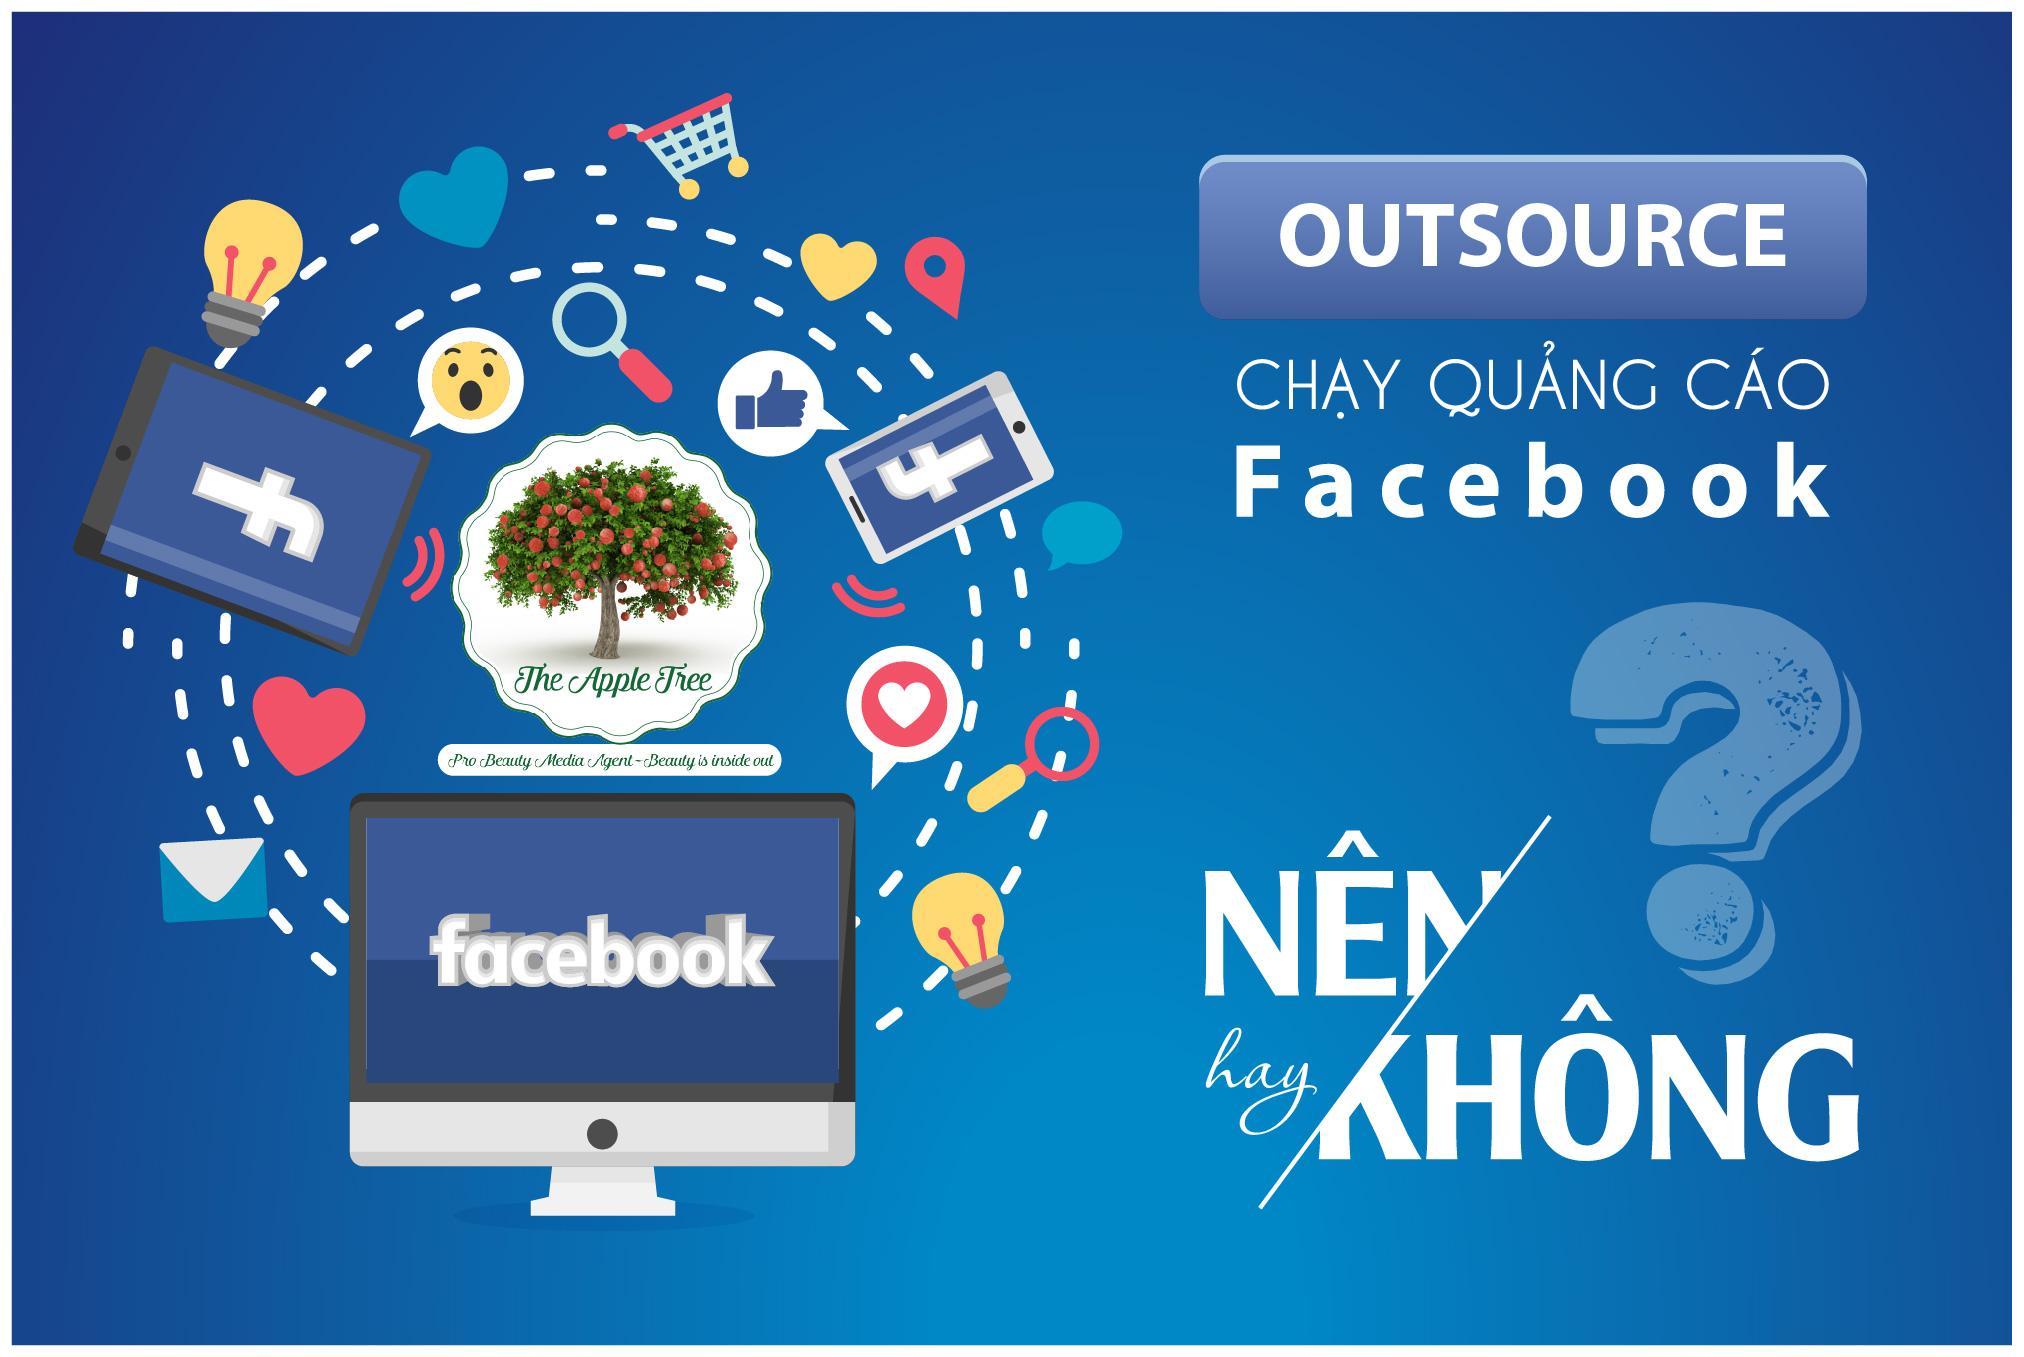 Dịch Vụ Chạy Quảng Cáo Facebook Sài Gòn